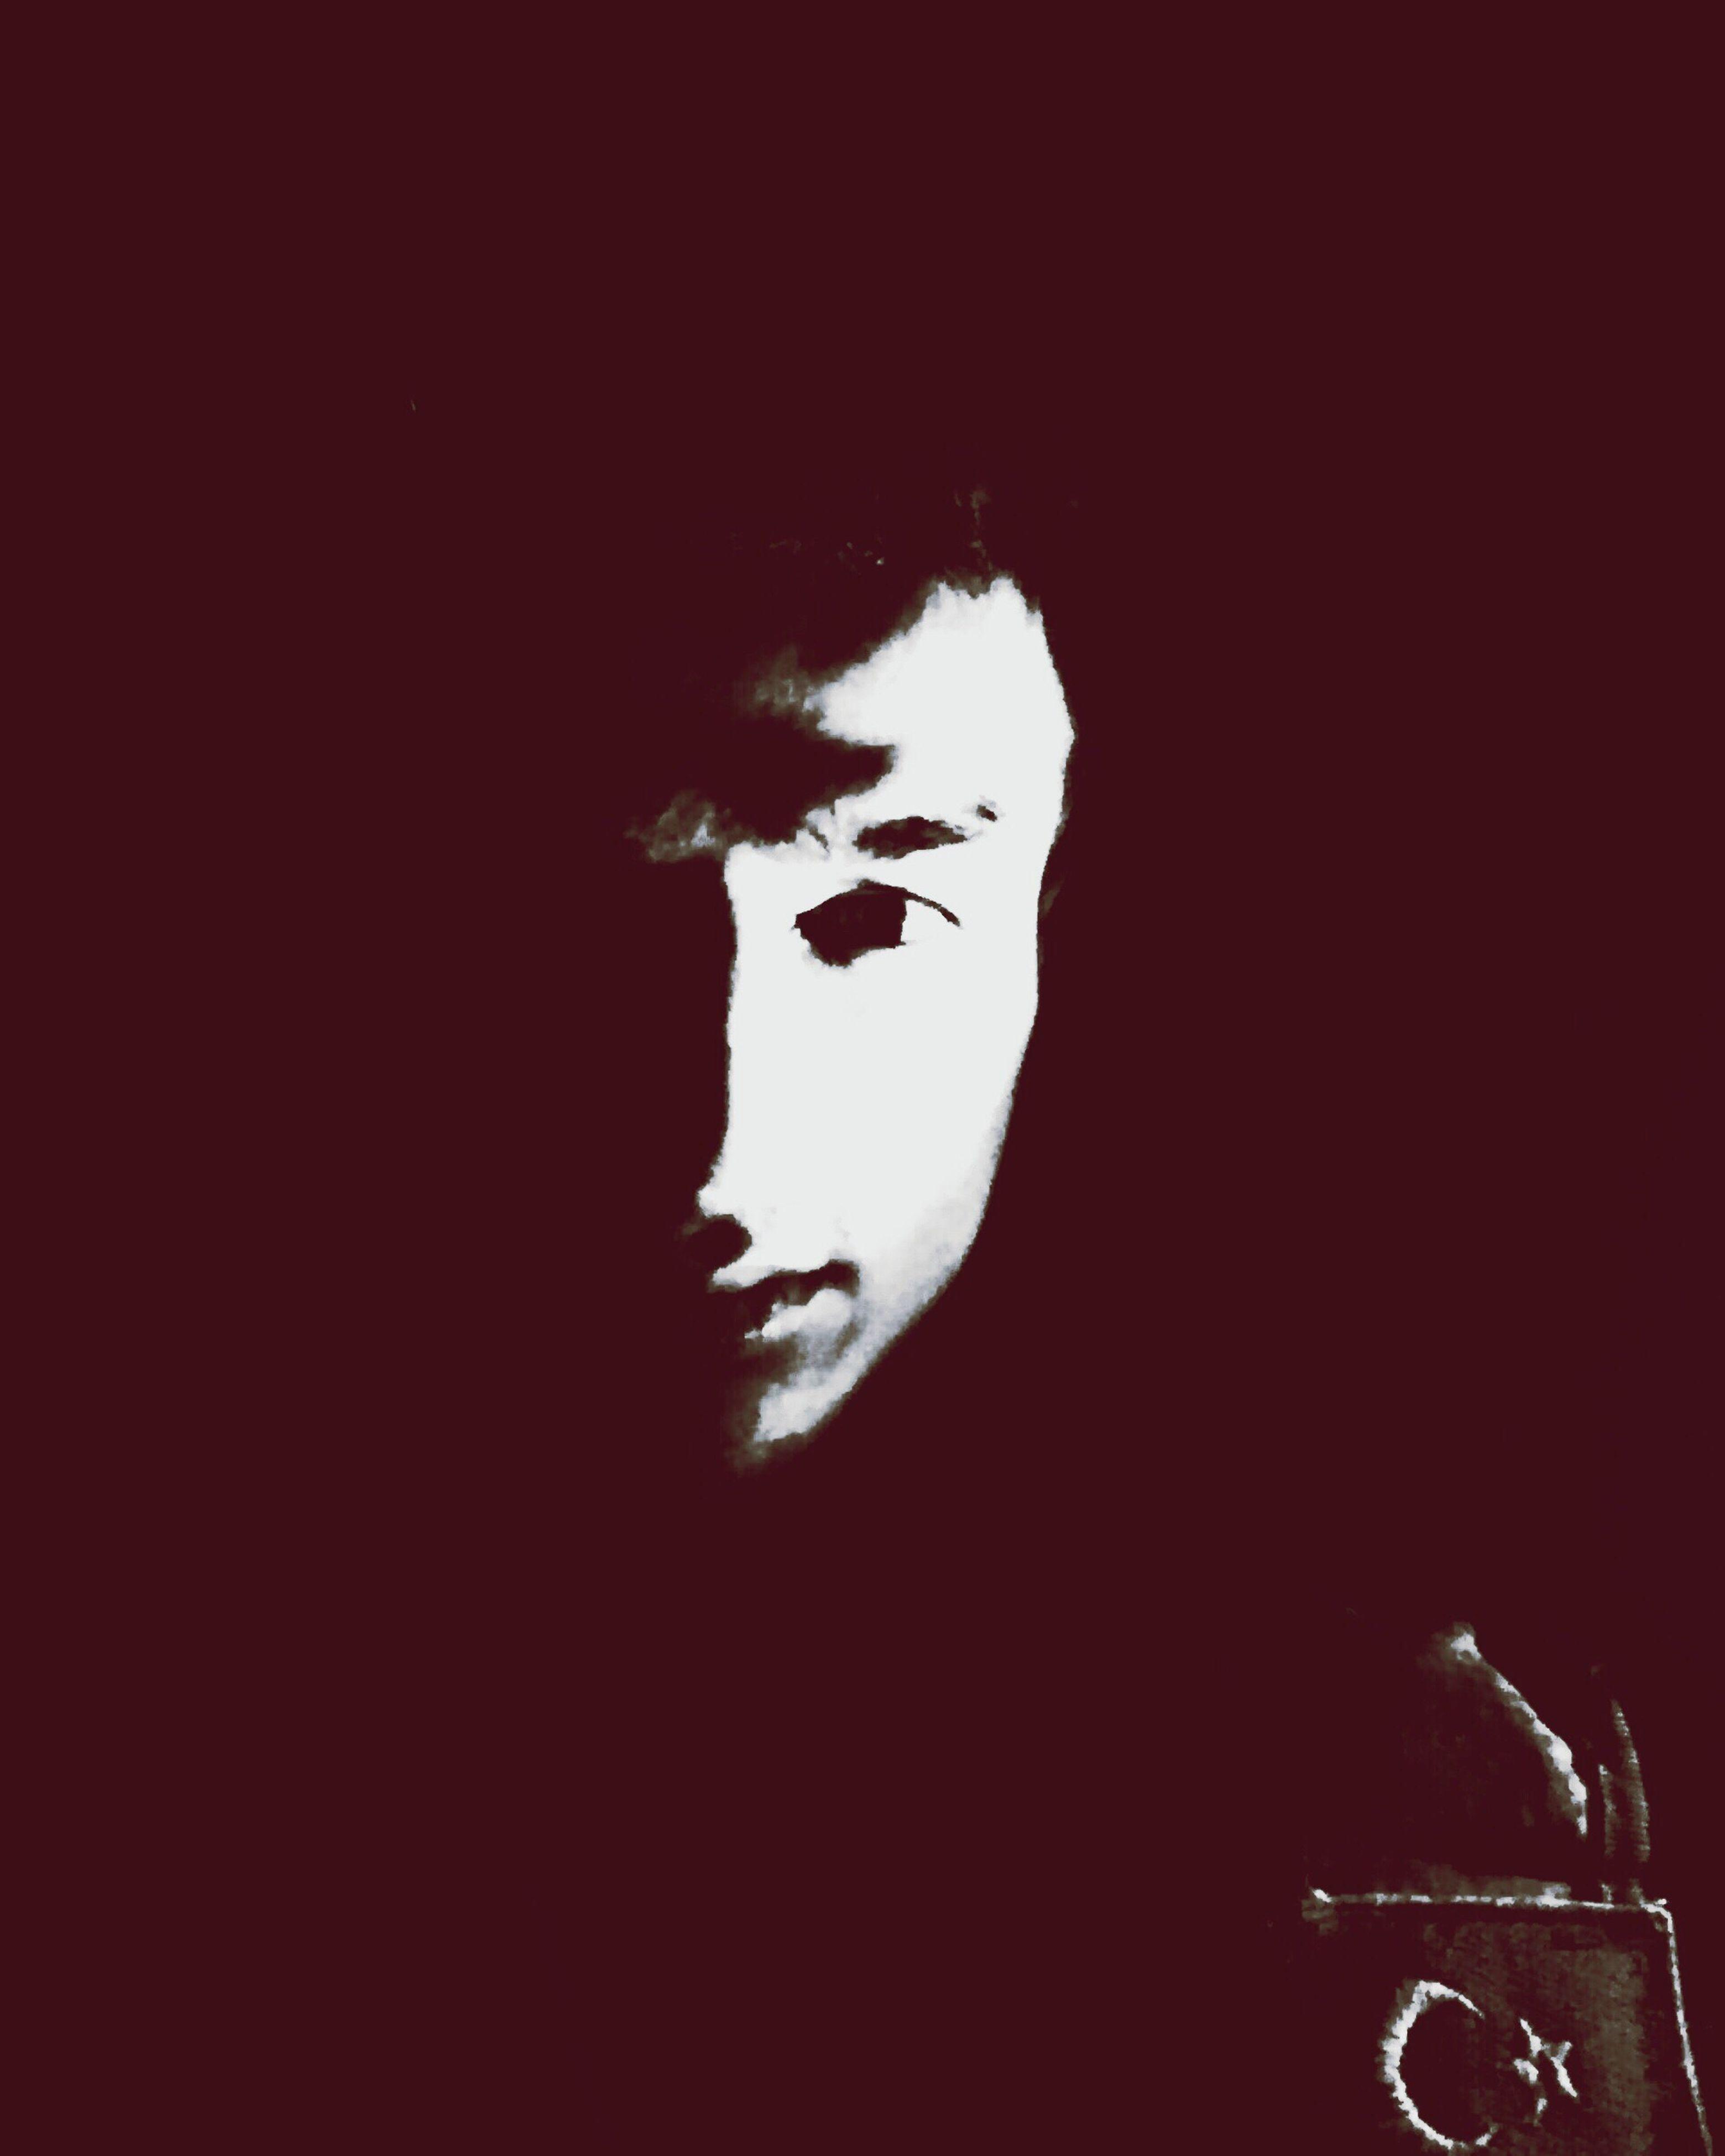 indoors, dark, nature, darkroom, profile, young adult